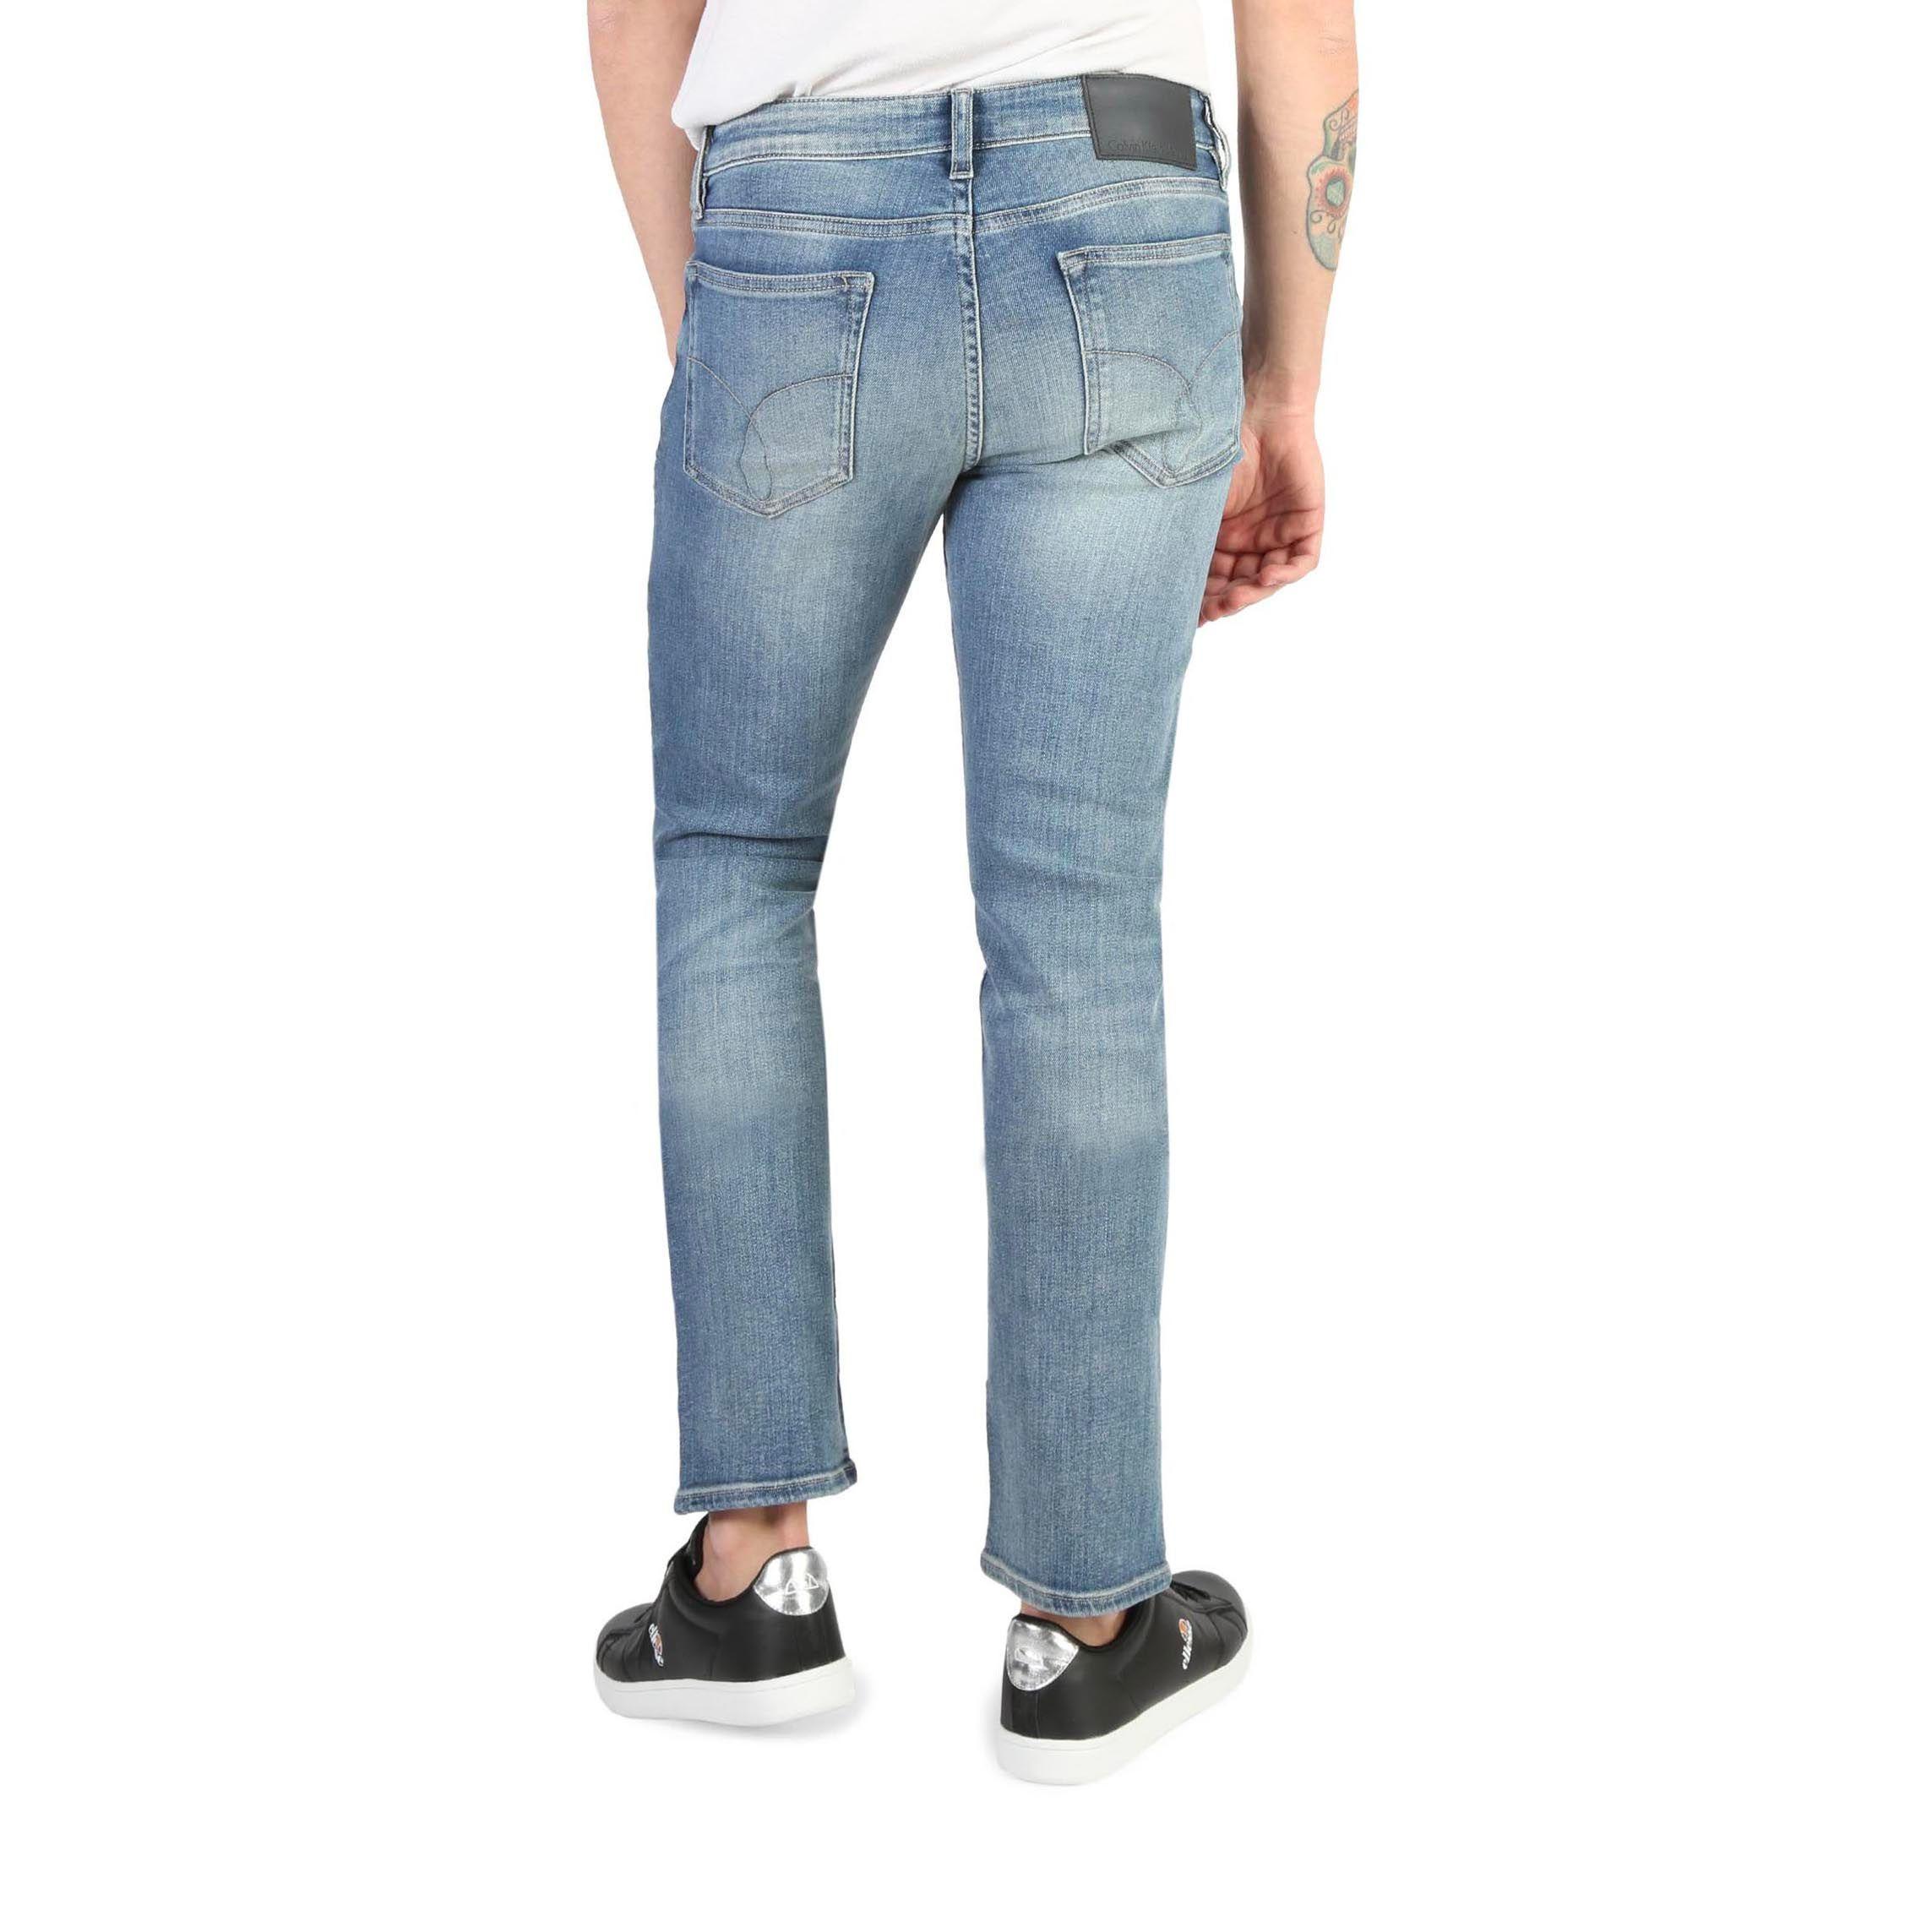 Calvin Klein – J30J304716 L34 Jeans